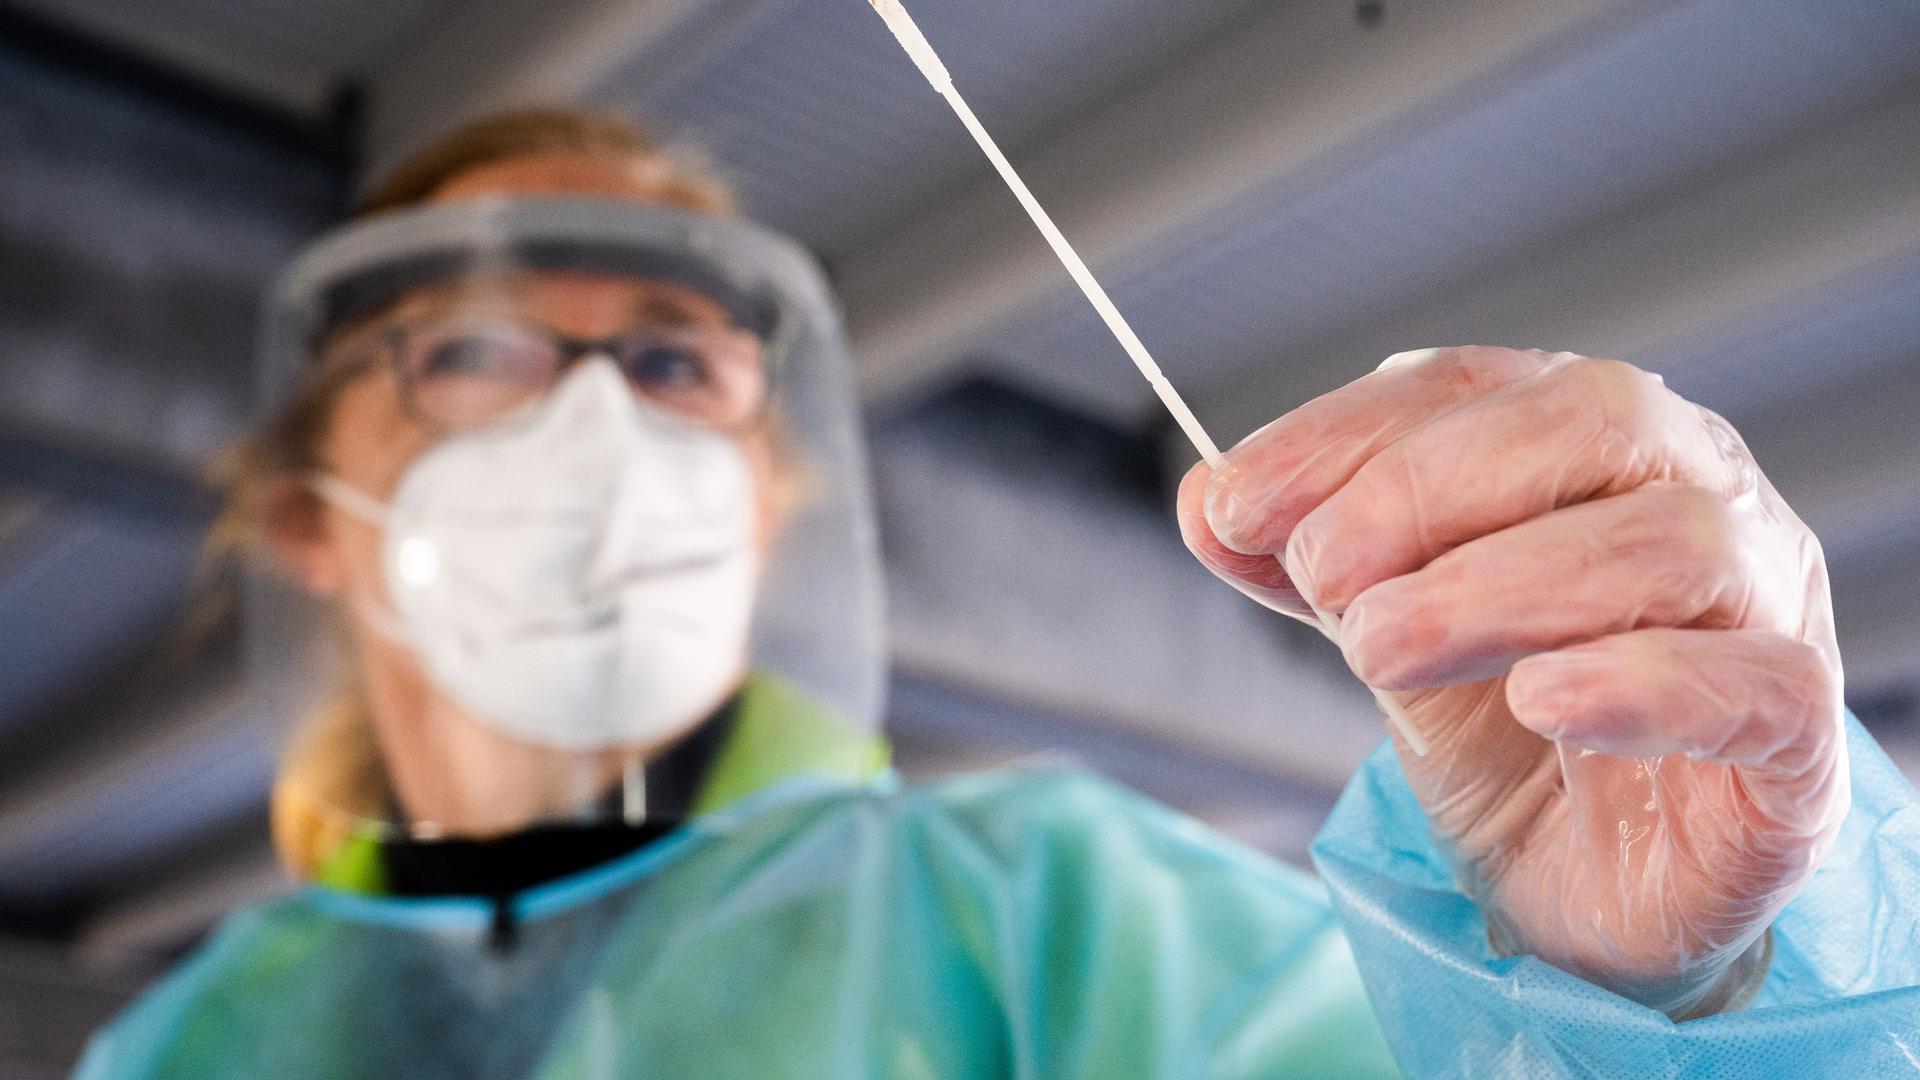 """Eine Helferin hält einen Teststab im """"Testzentrum am Zoo"""" bei einem Schnelltest auf das Coronavirus. Das Robert Koch-Institut (RKI) vermeldet weiterhin steigende Corona-Neuinfektionen in Deutschland. +++ dpa-Bildfunk +++"""